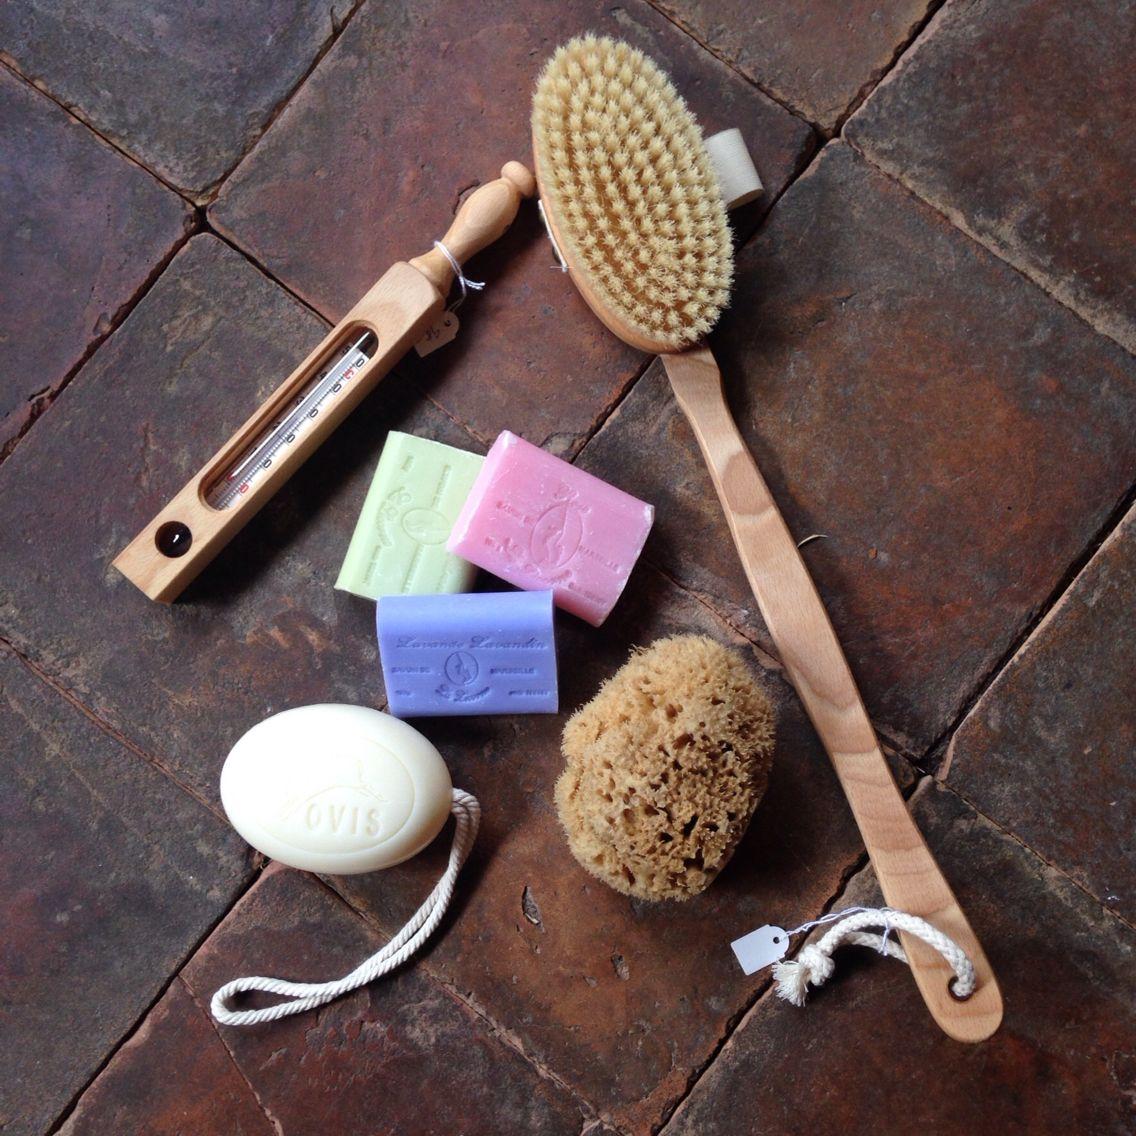 Alt det gode til badet. Lækre Marseille sæber, #badebørste, #badetermometer #natursvamp fra Symi i Grækenland og #fåremælkesæbe i snor #sæbeisnor #sæbemedsnor #savondemarseille #spa #savon